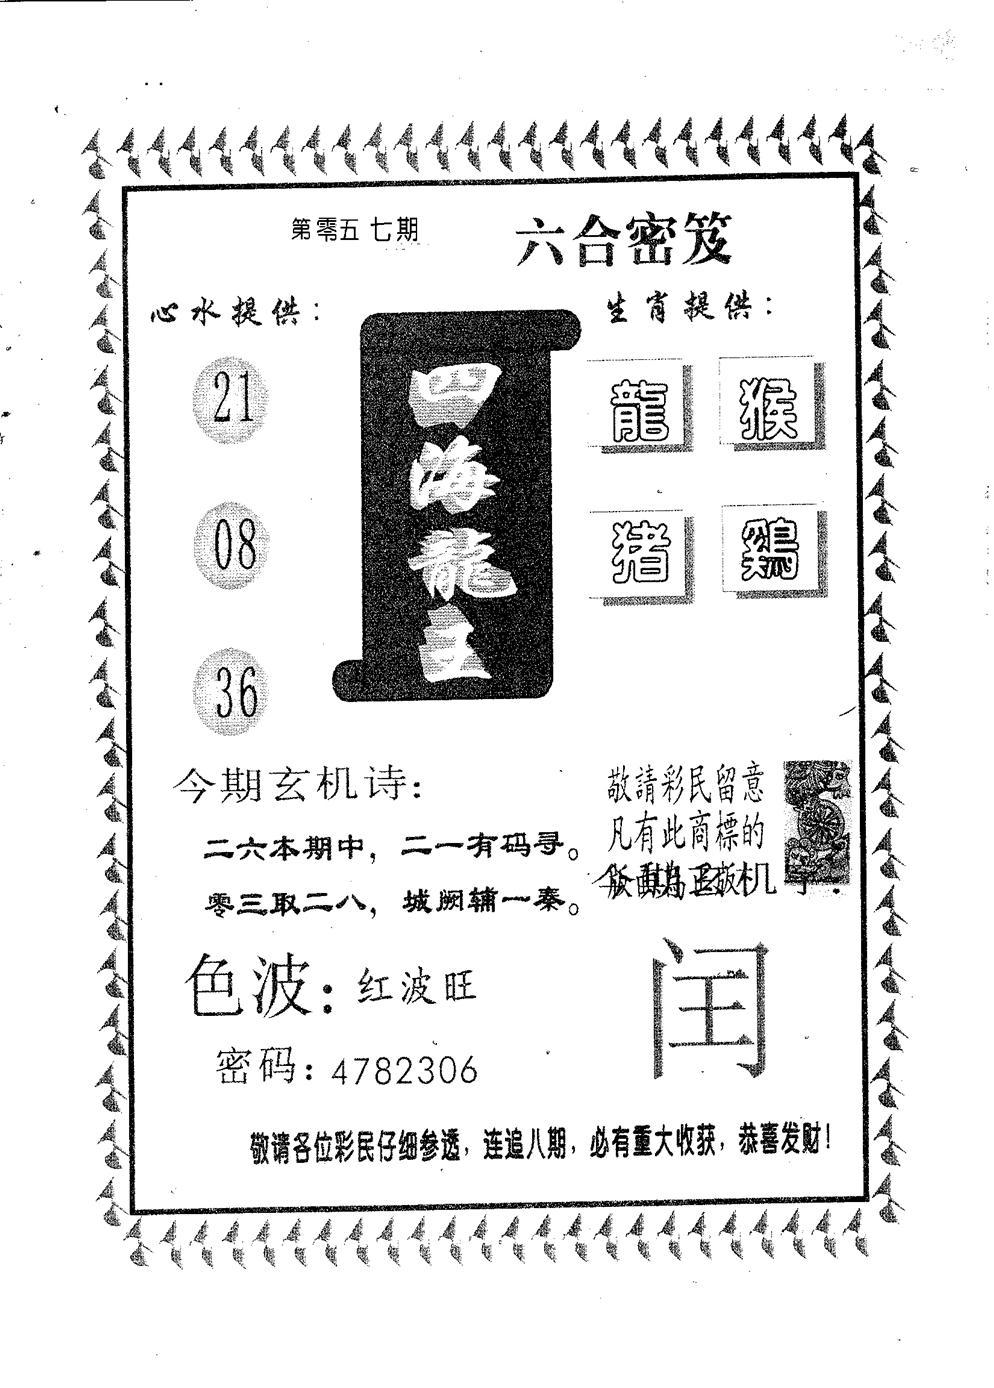 057期四海龙王(黑白)